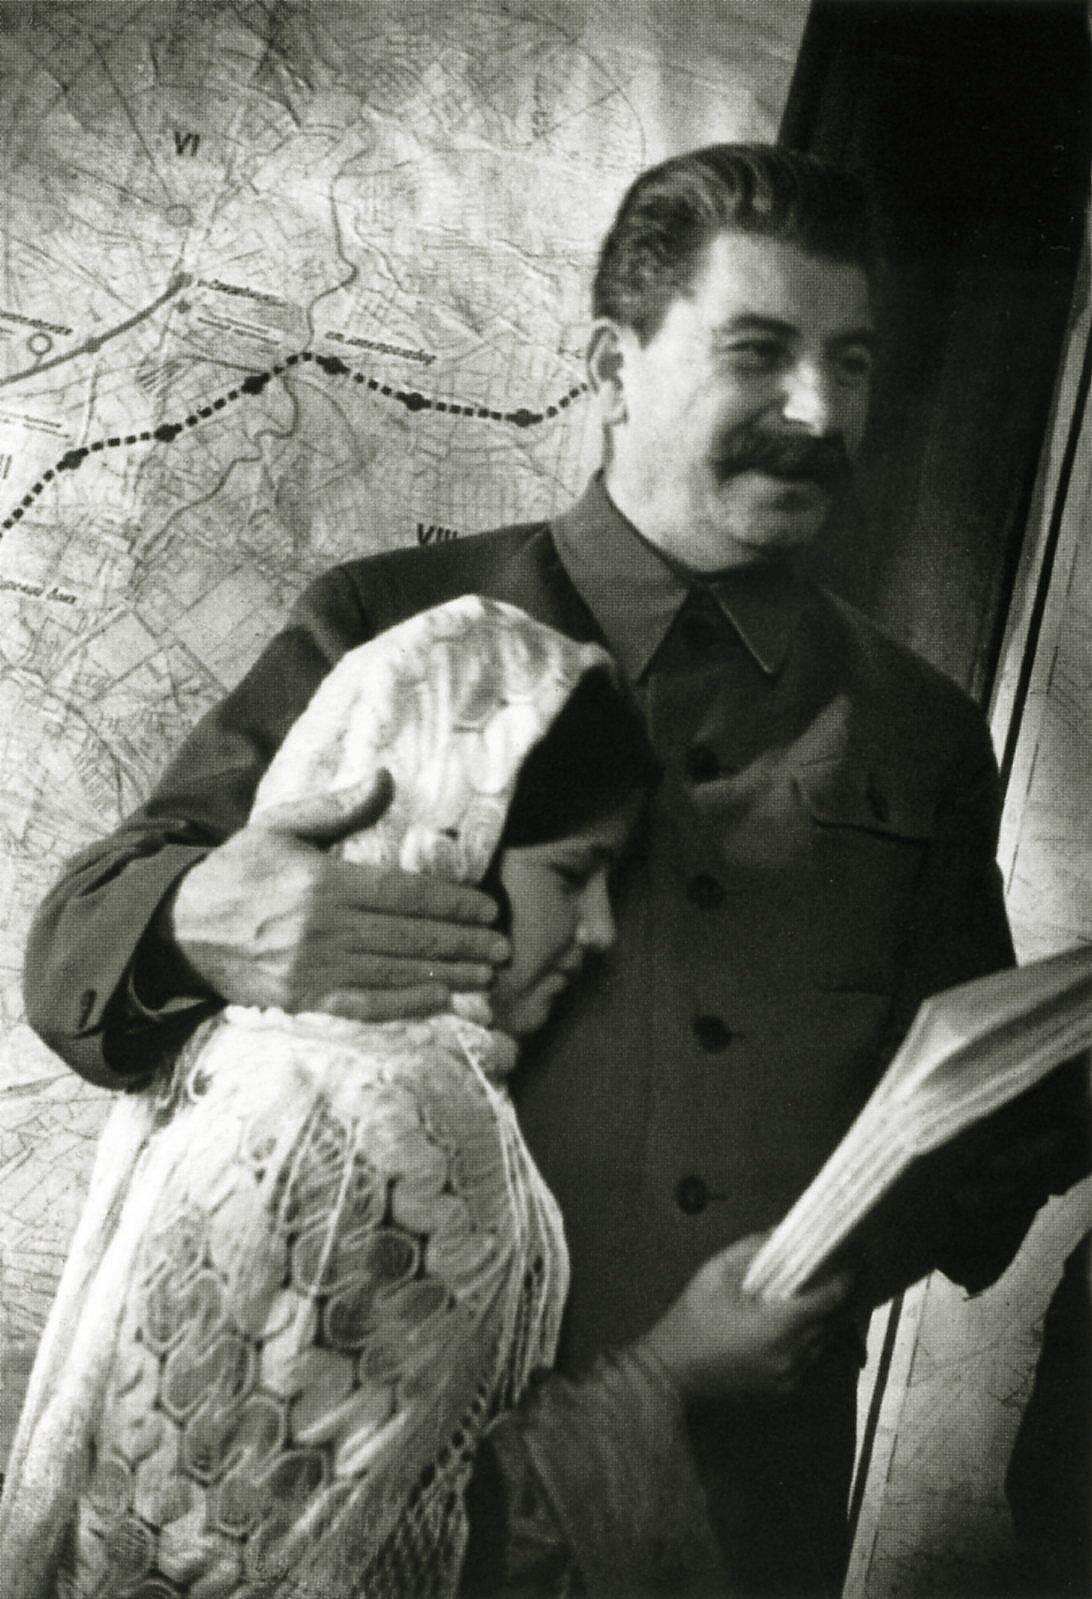 фотографии военных деятелей СССР